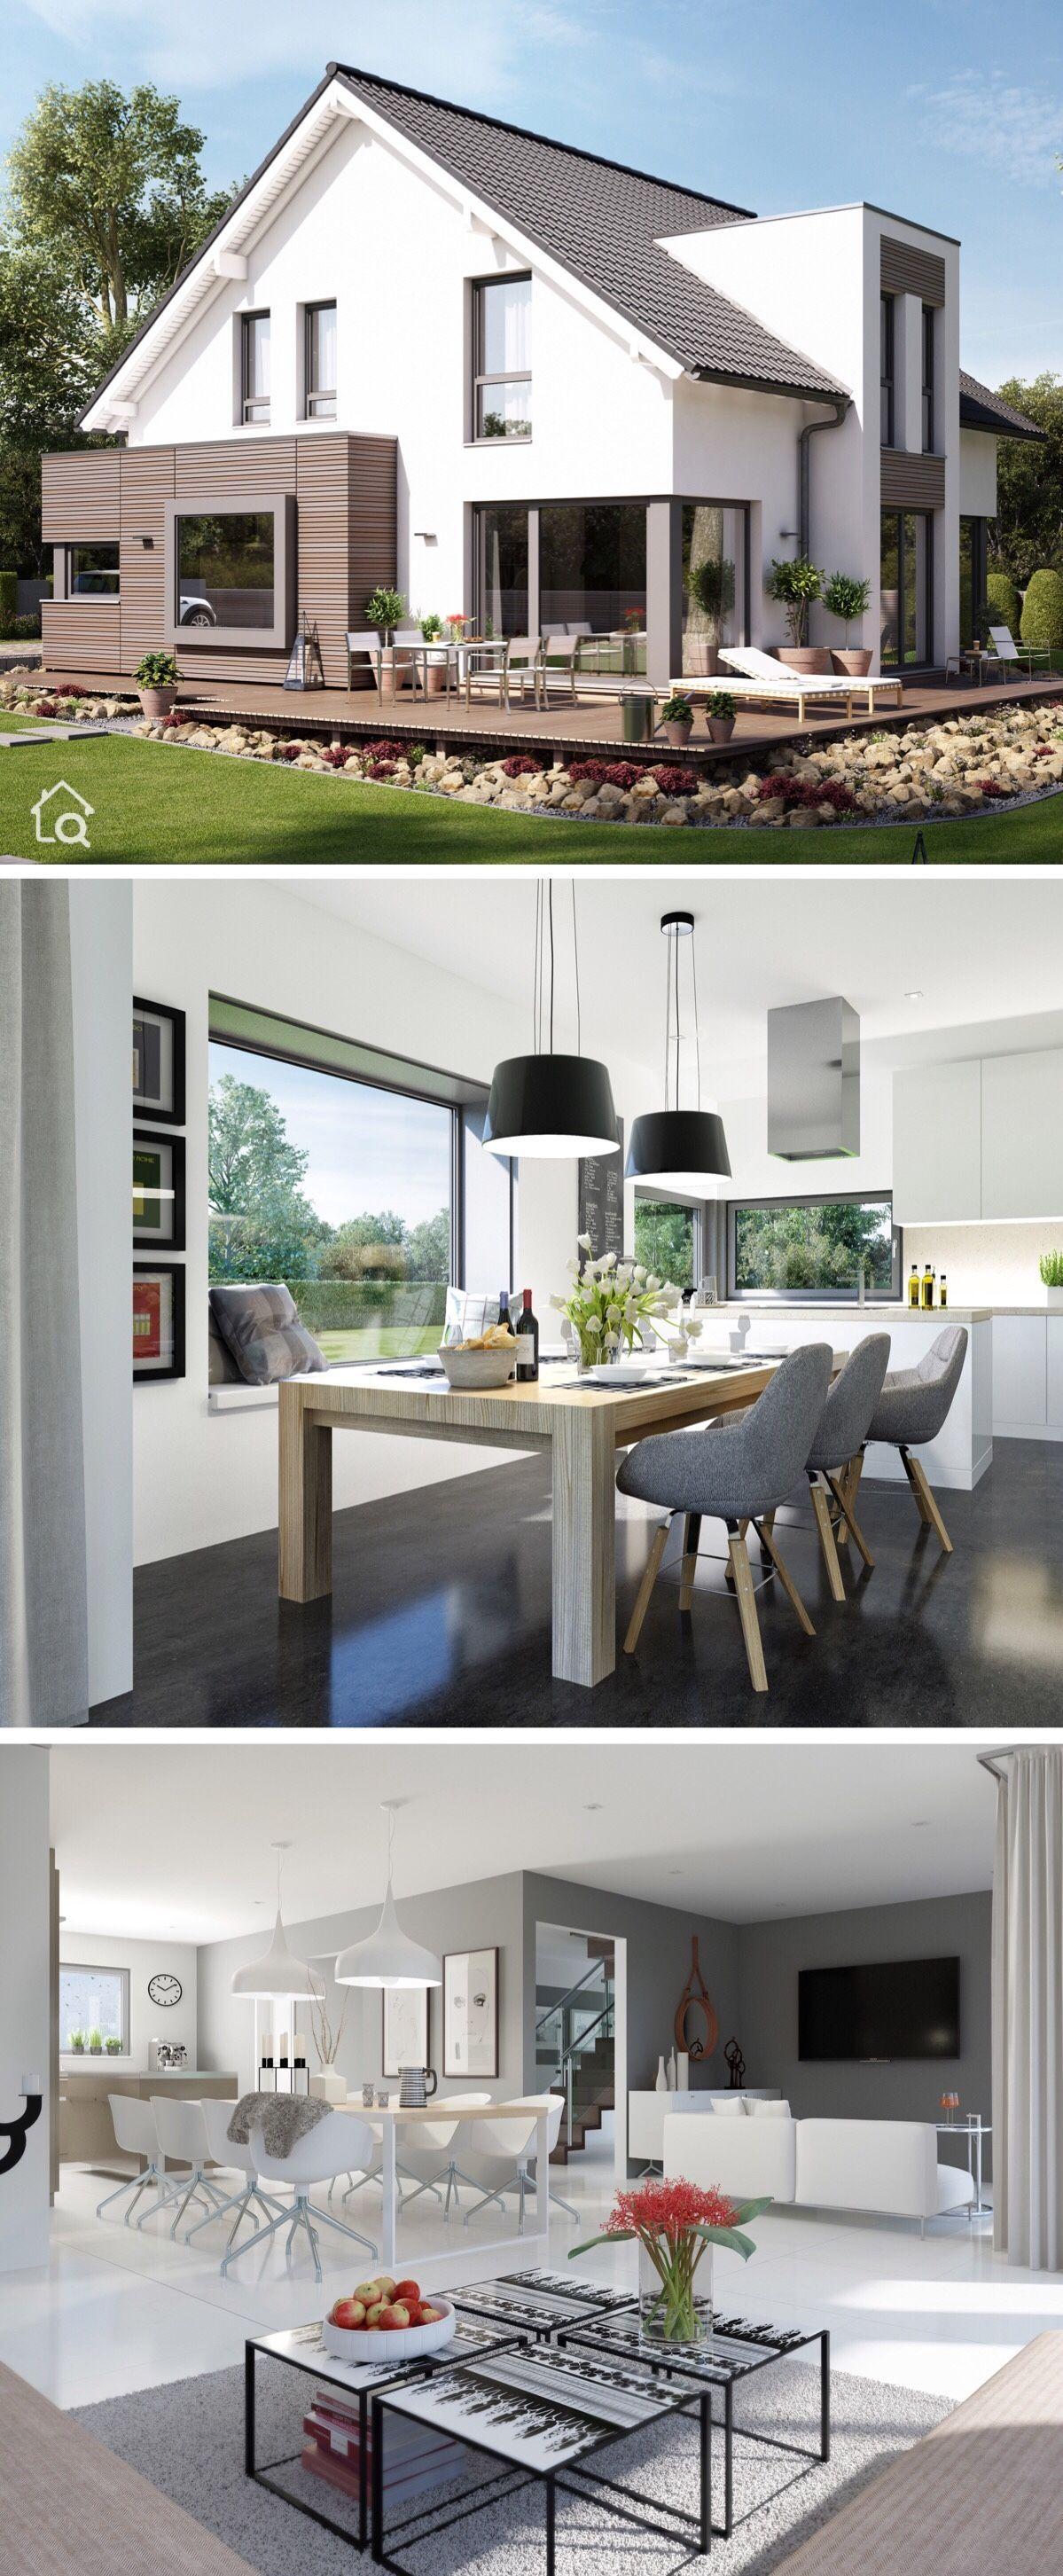 Einfamilienhaus Neubau Modern Mit Satteldach Architektur Holz